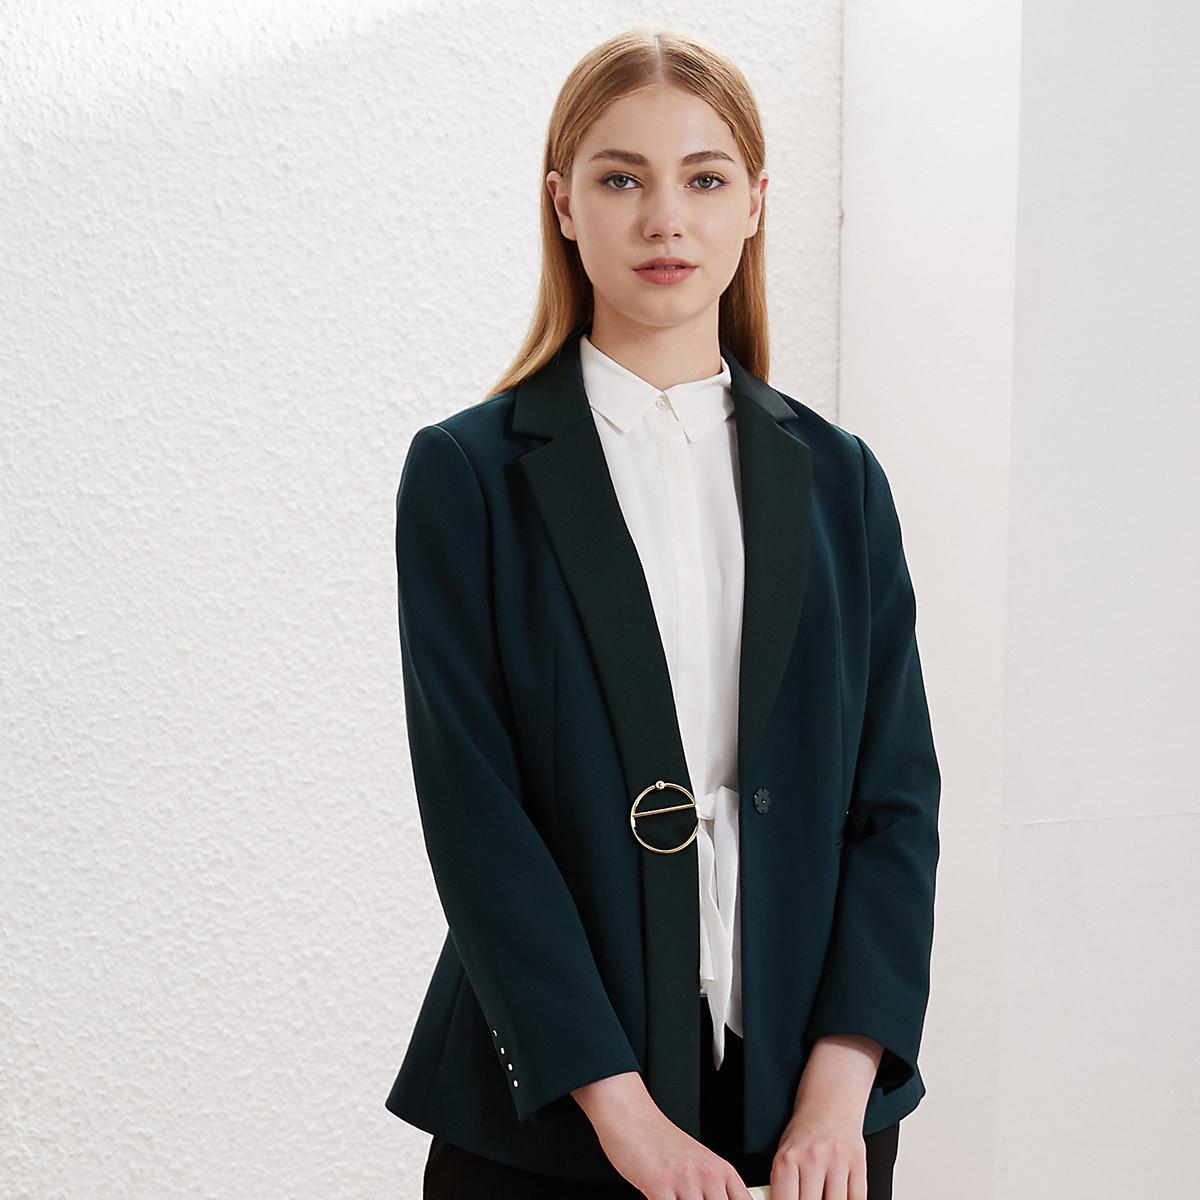 卡迪黛尔卡迪黛尔2019秋季新款洋气西装外套女韩版高腰修身显瘦C1AHG131307